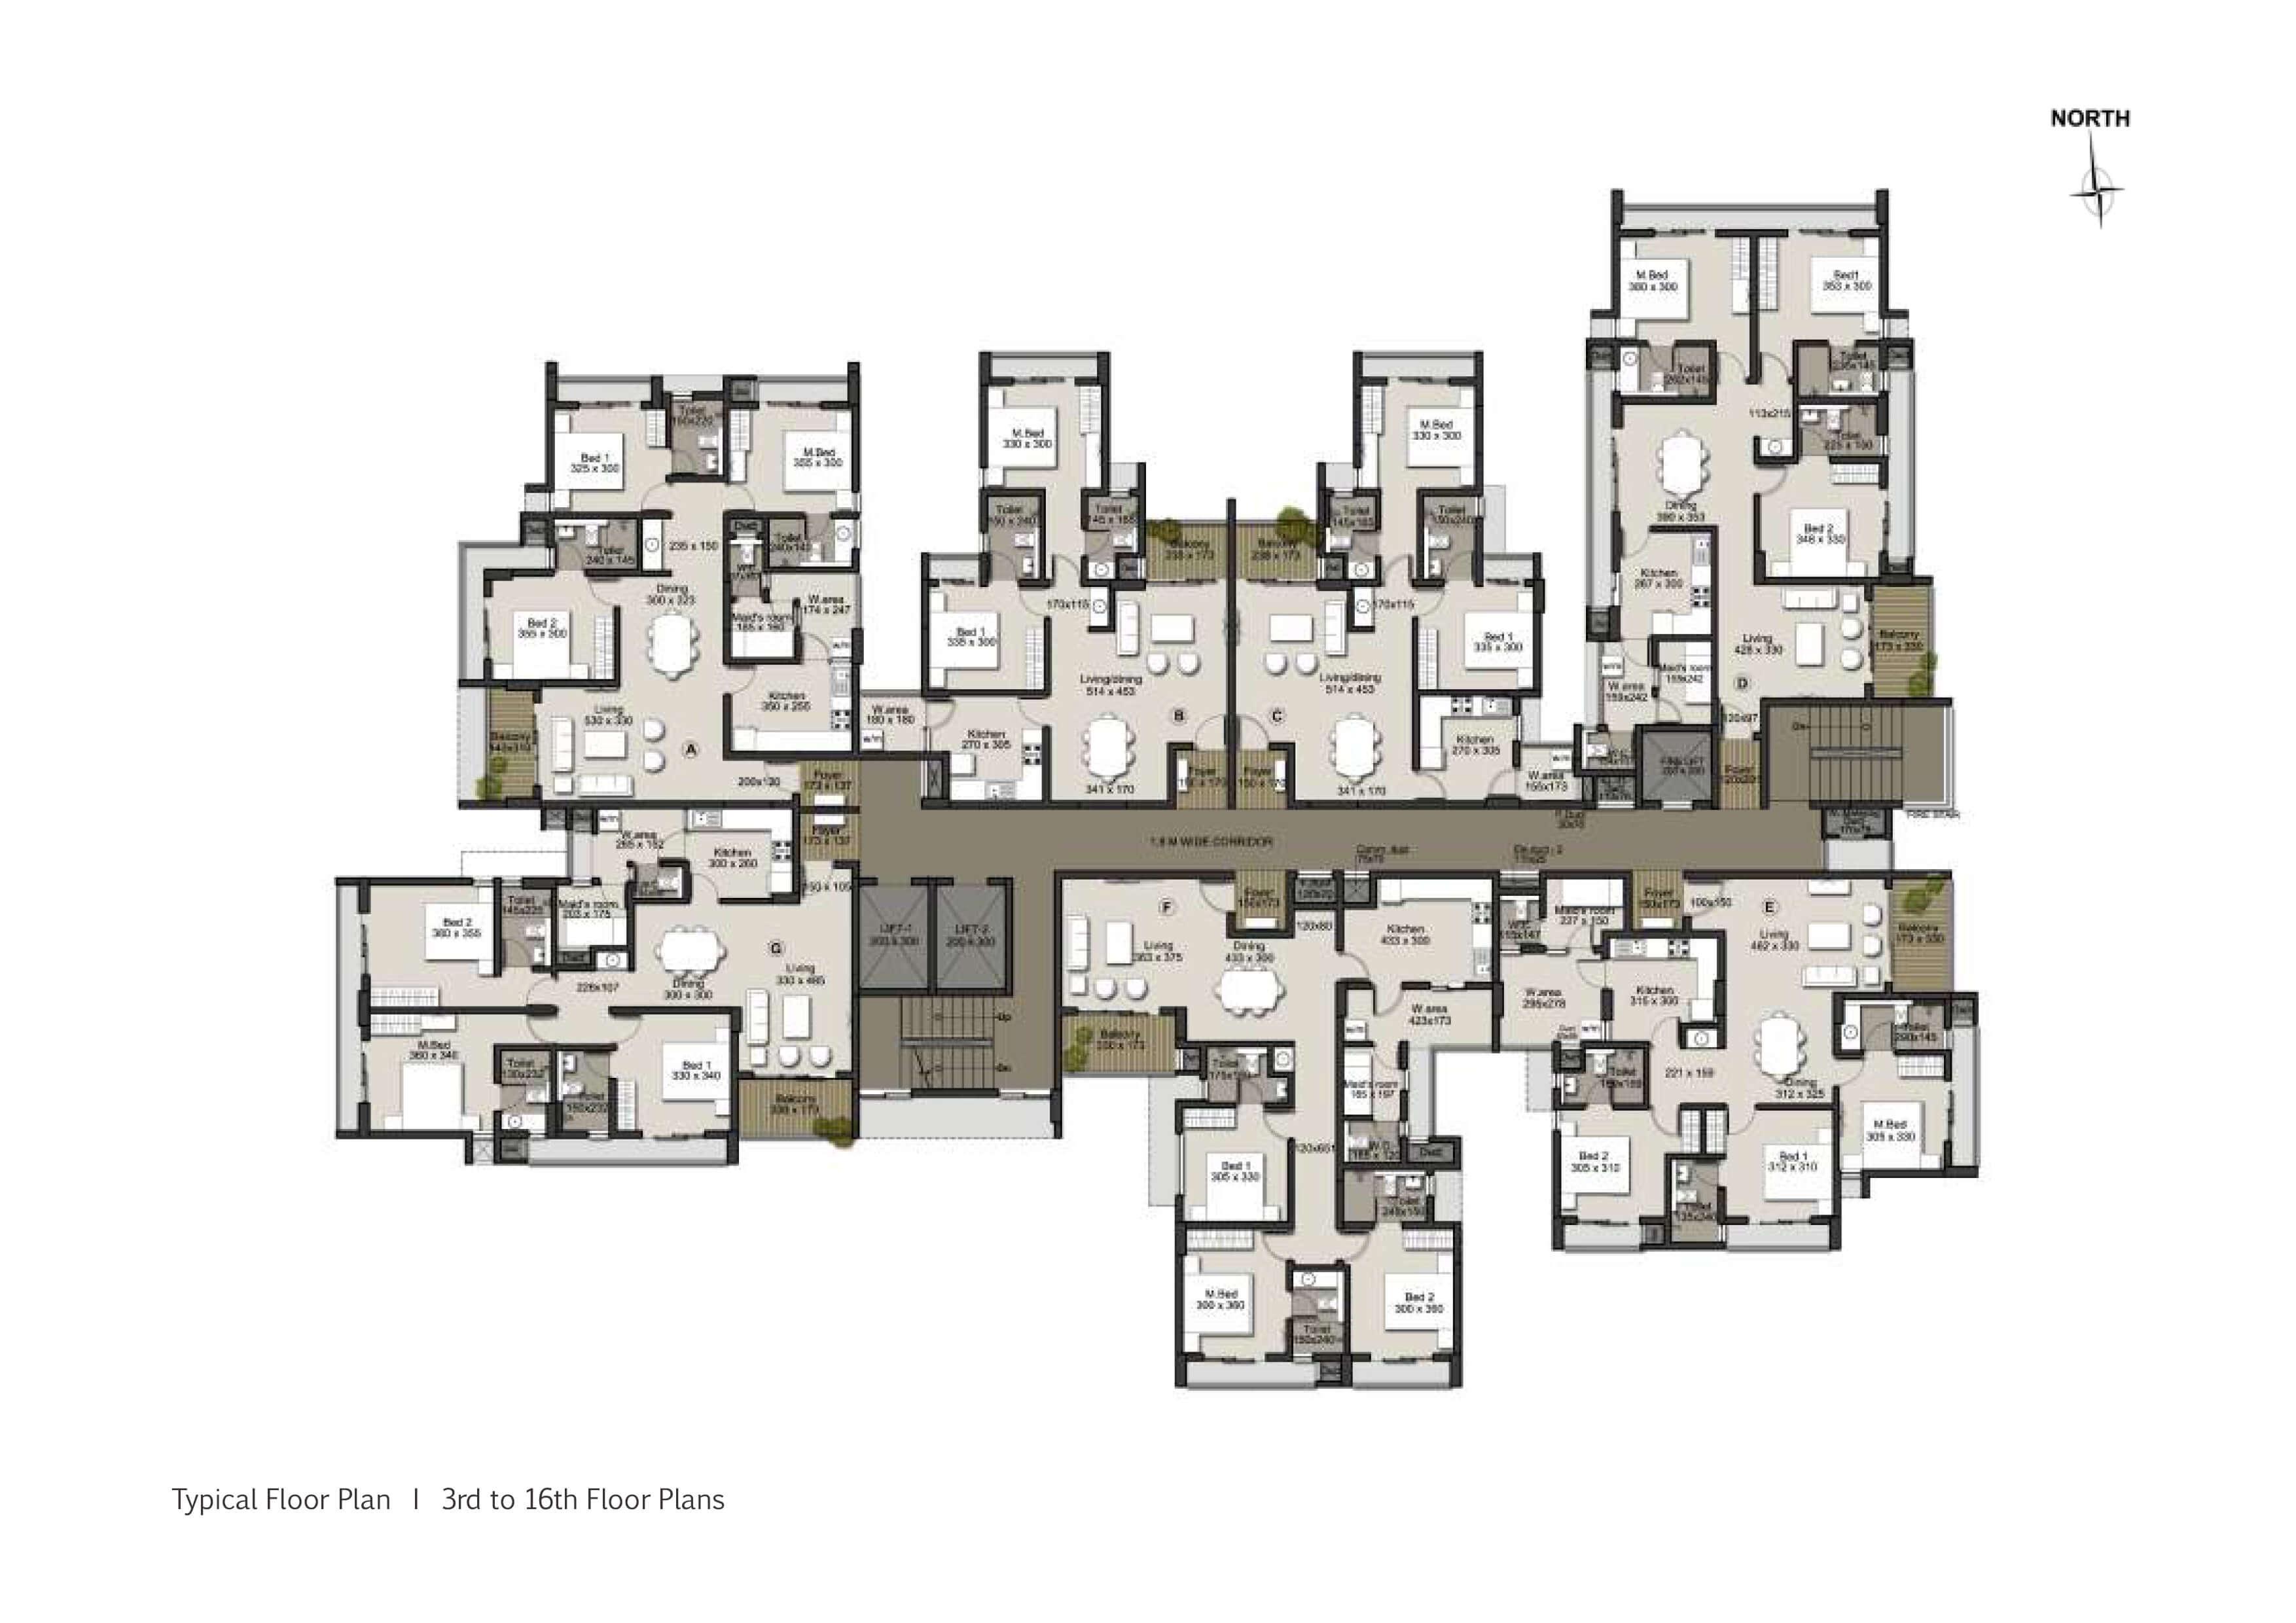 Typical 3 - 6 Floor Plan